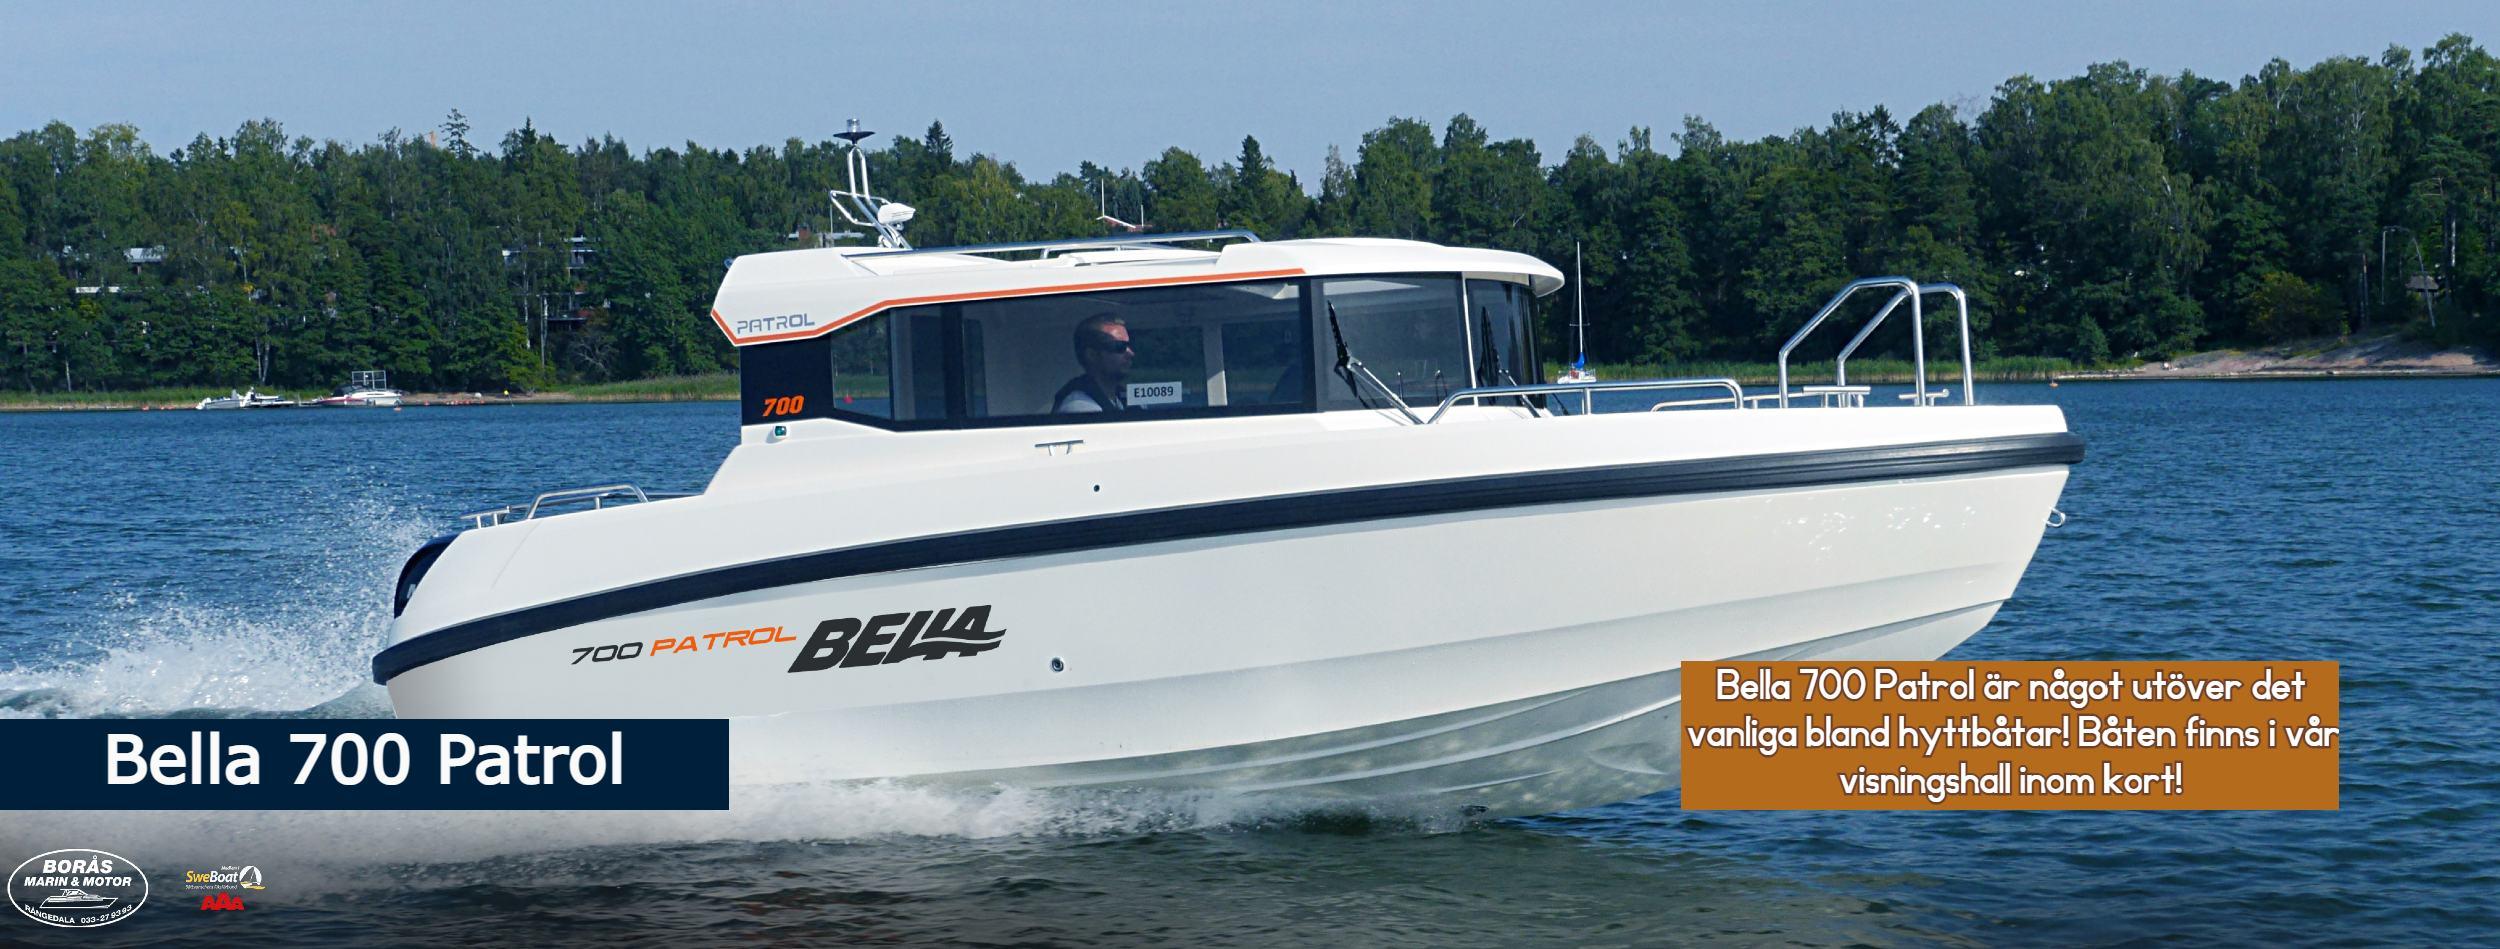 Bella-700-Patrol-bildspel-1